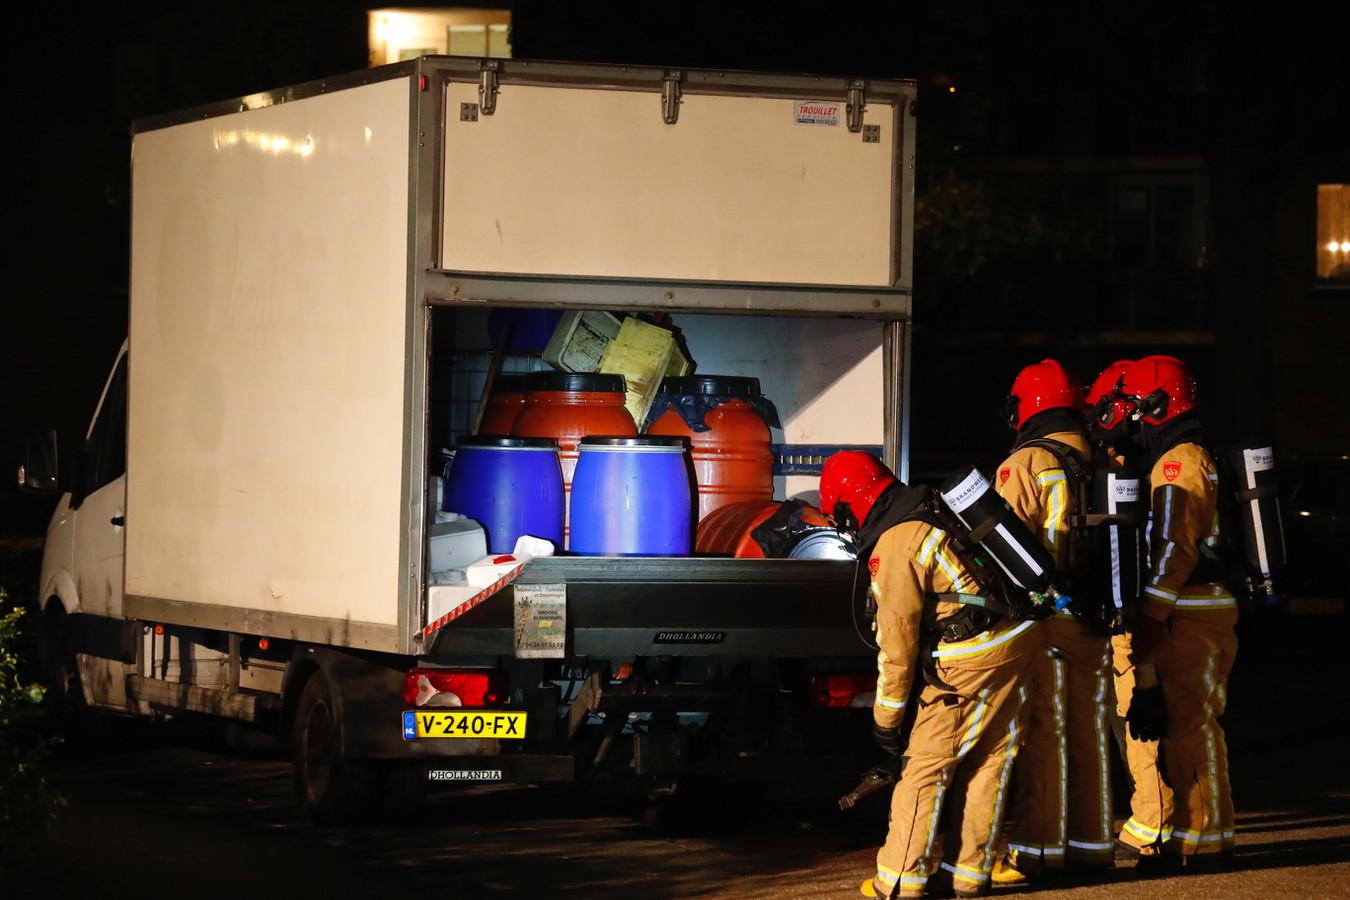 Uit het vrachtwagentje dat geparkeerd stond in de Offenbachlaan in Eindhoven lekte een rode vloeistof. Het busje bleek volgeladen met vaten en jerrycans. Een aantal vaten was omgevallen.